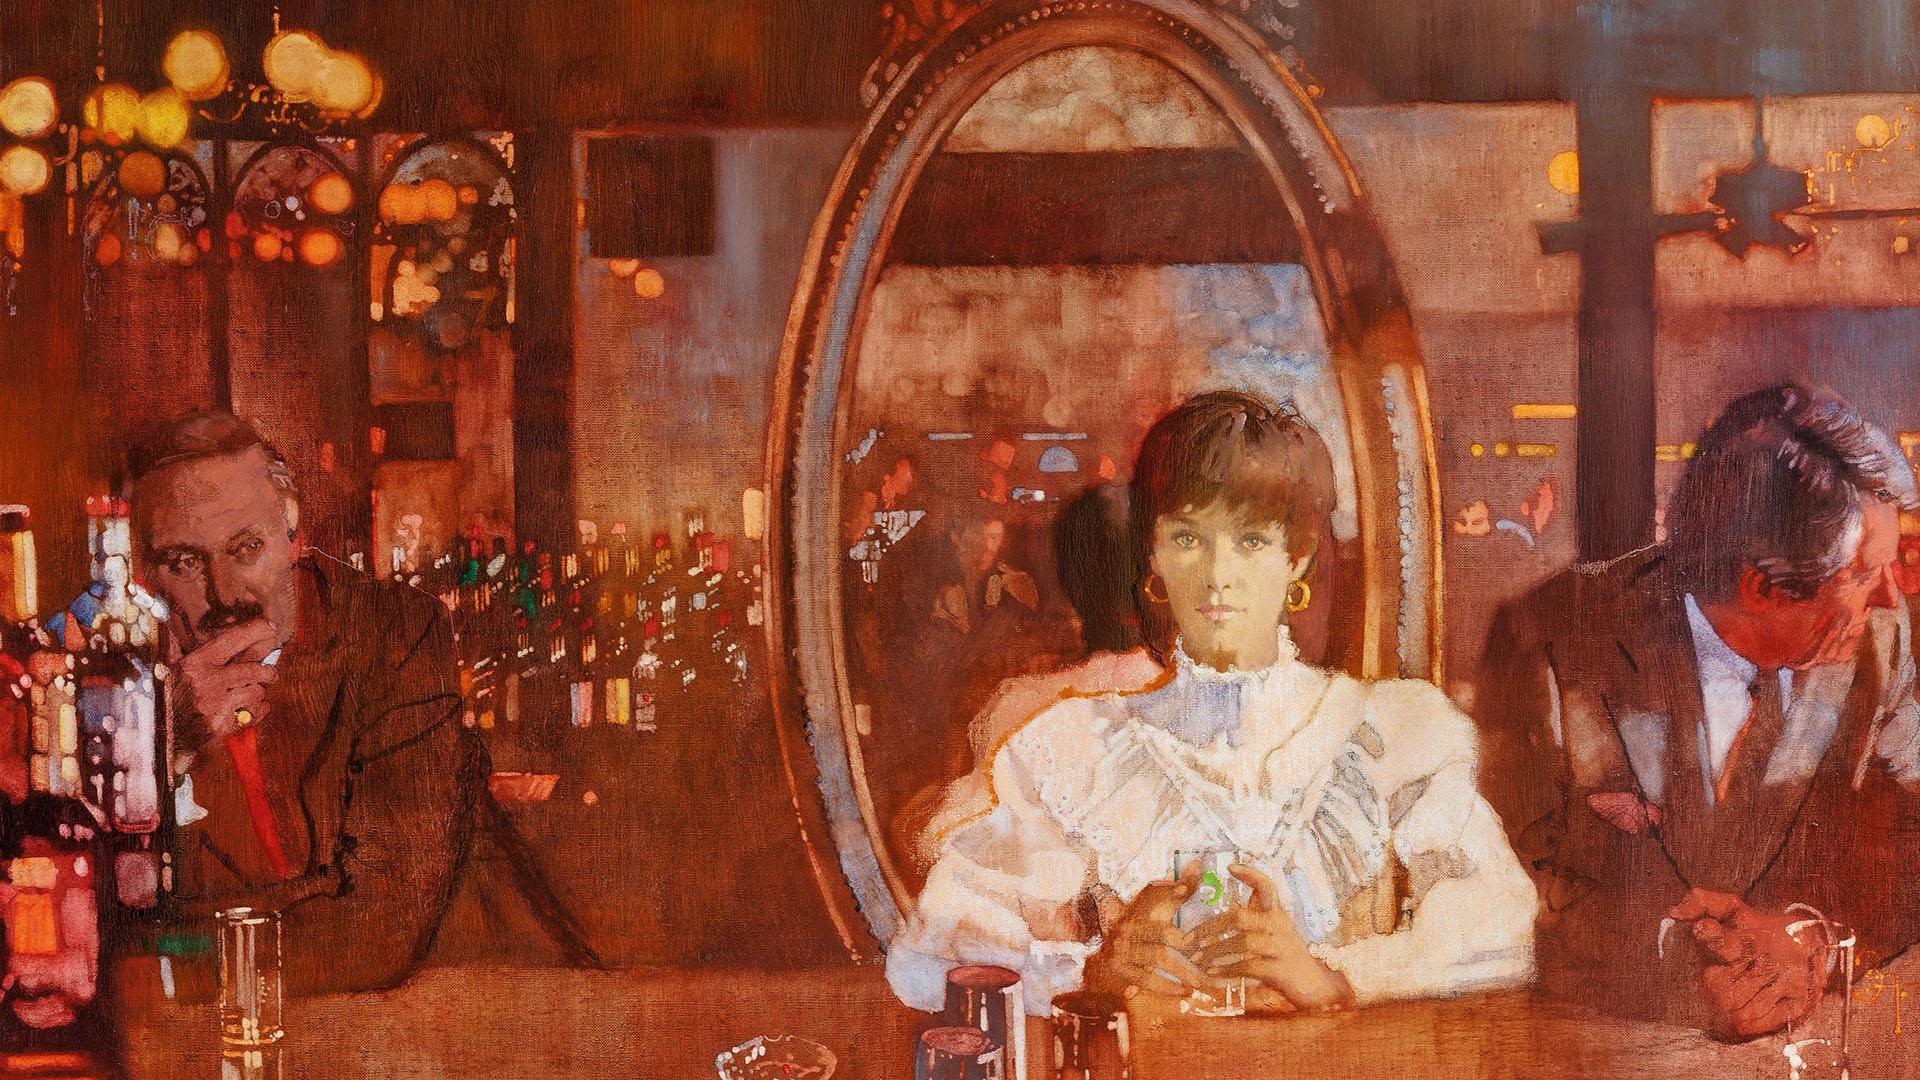 Bernie Fuchs - Woman at Bar 1920x1080